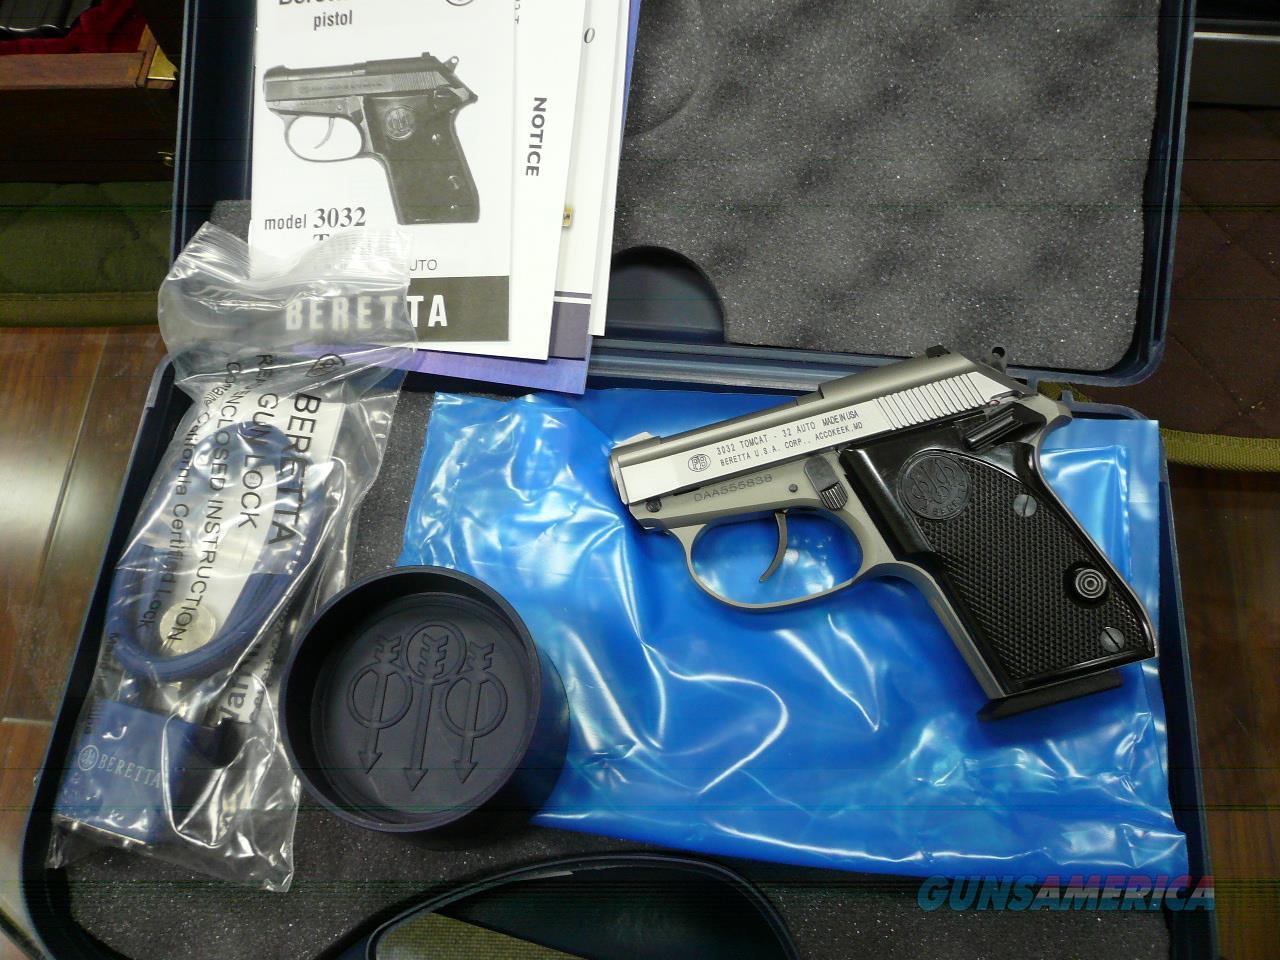 Tomcat/3032 S/S 32Acp NIB (CA LEGAL)  Guns > Pistols > Beretta Pistols > Small Caliber Tip Out